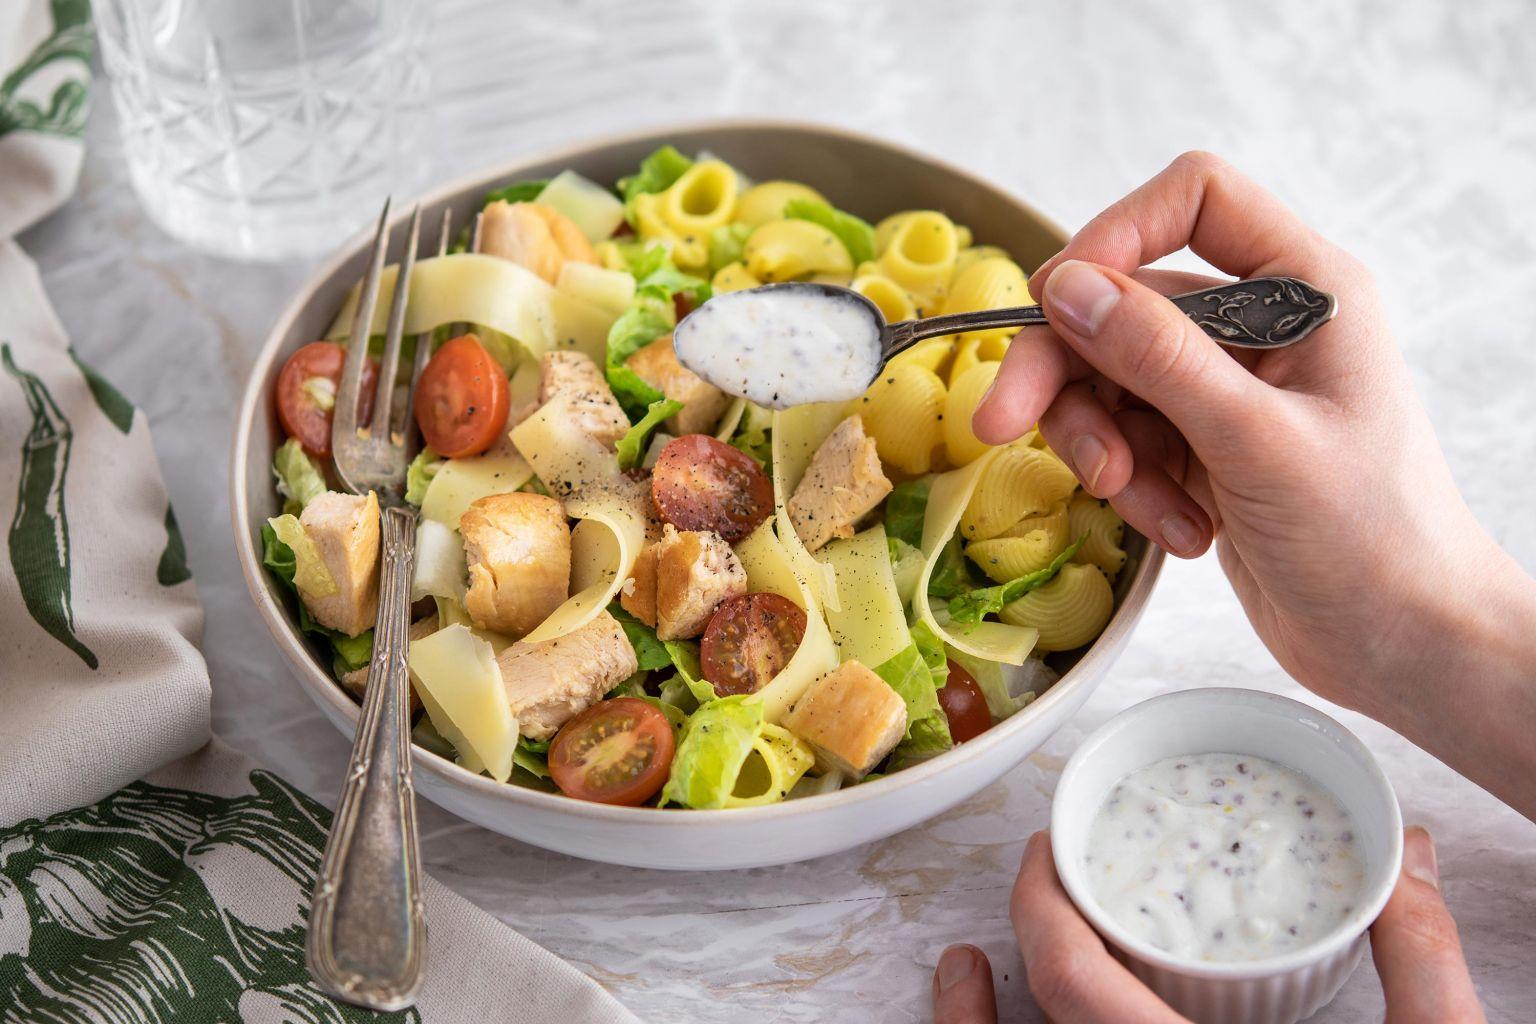 Salade romaine, poulet rôti, pâtes rigate, tomate cerise, comté, sauce fromagère